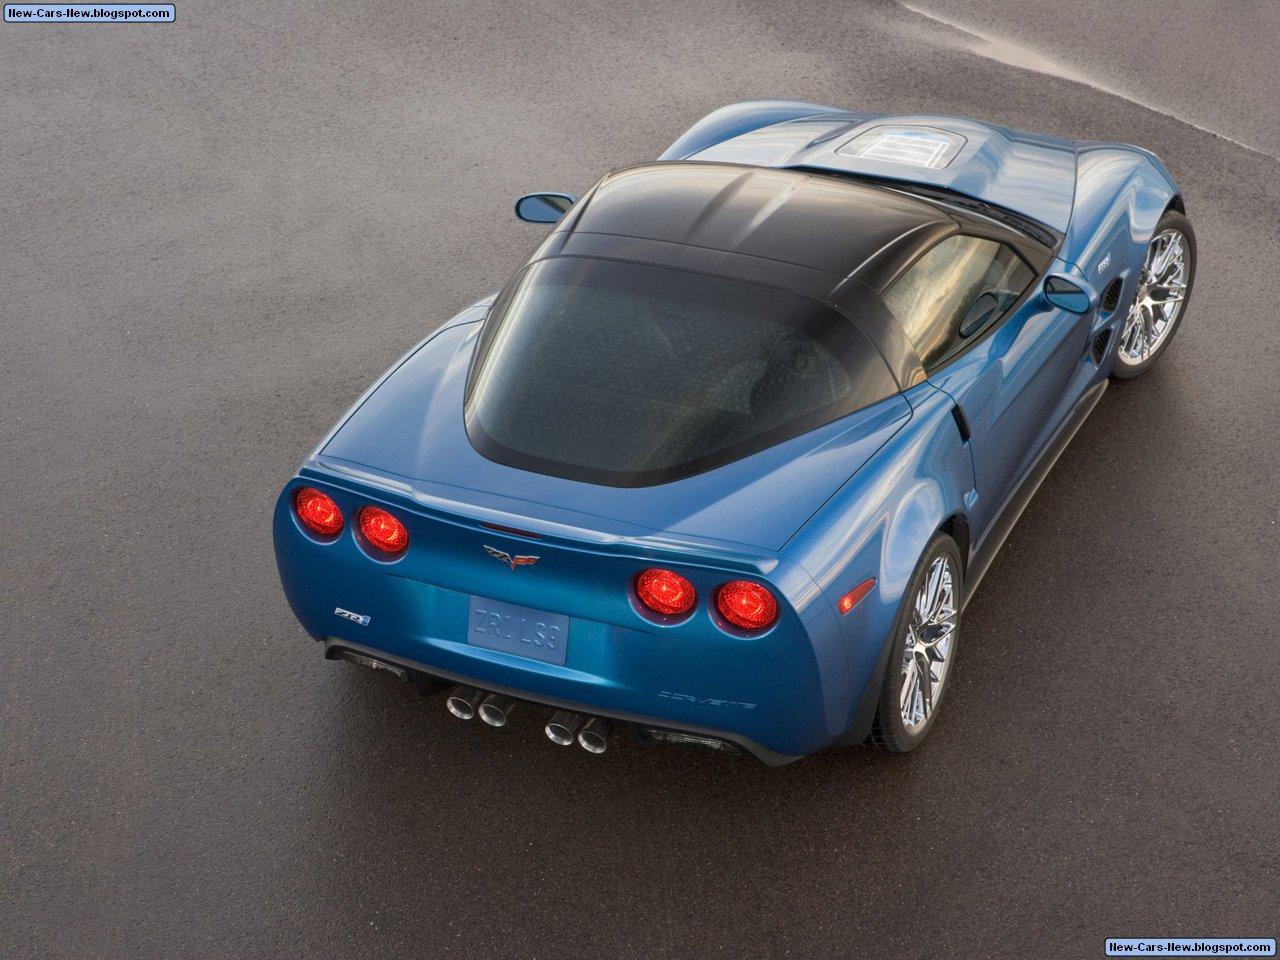 http://2.bp.blogspot.com/_U4w592tUDHM/TDybn4E8BJI/AAAAAAAAEQU/Zp2ZO4jwhs0/s1600/Chevrolet-Corvette_ZR1_2009_1280x960_wallpaper_07.jpg